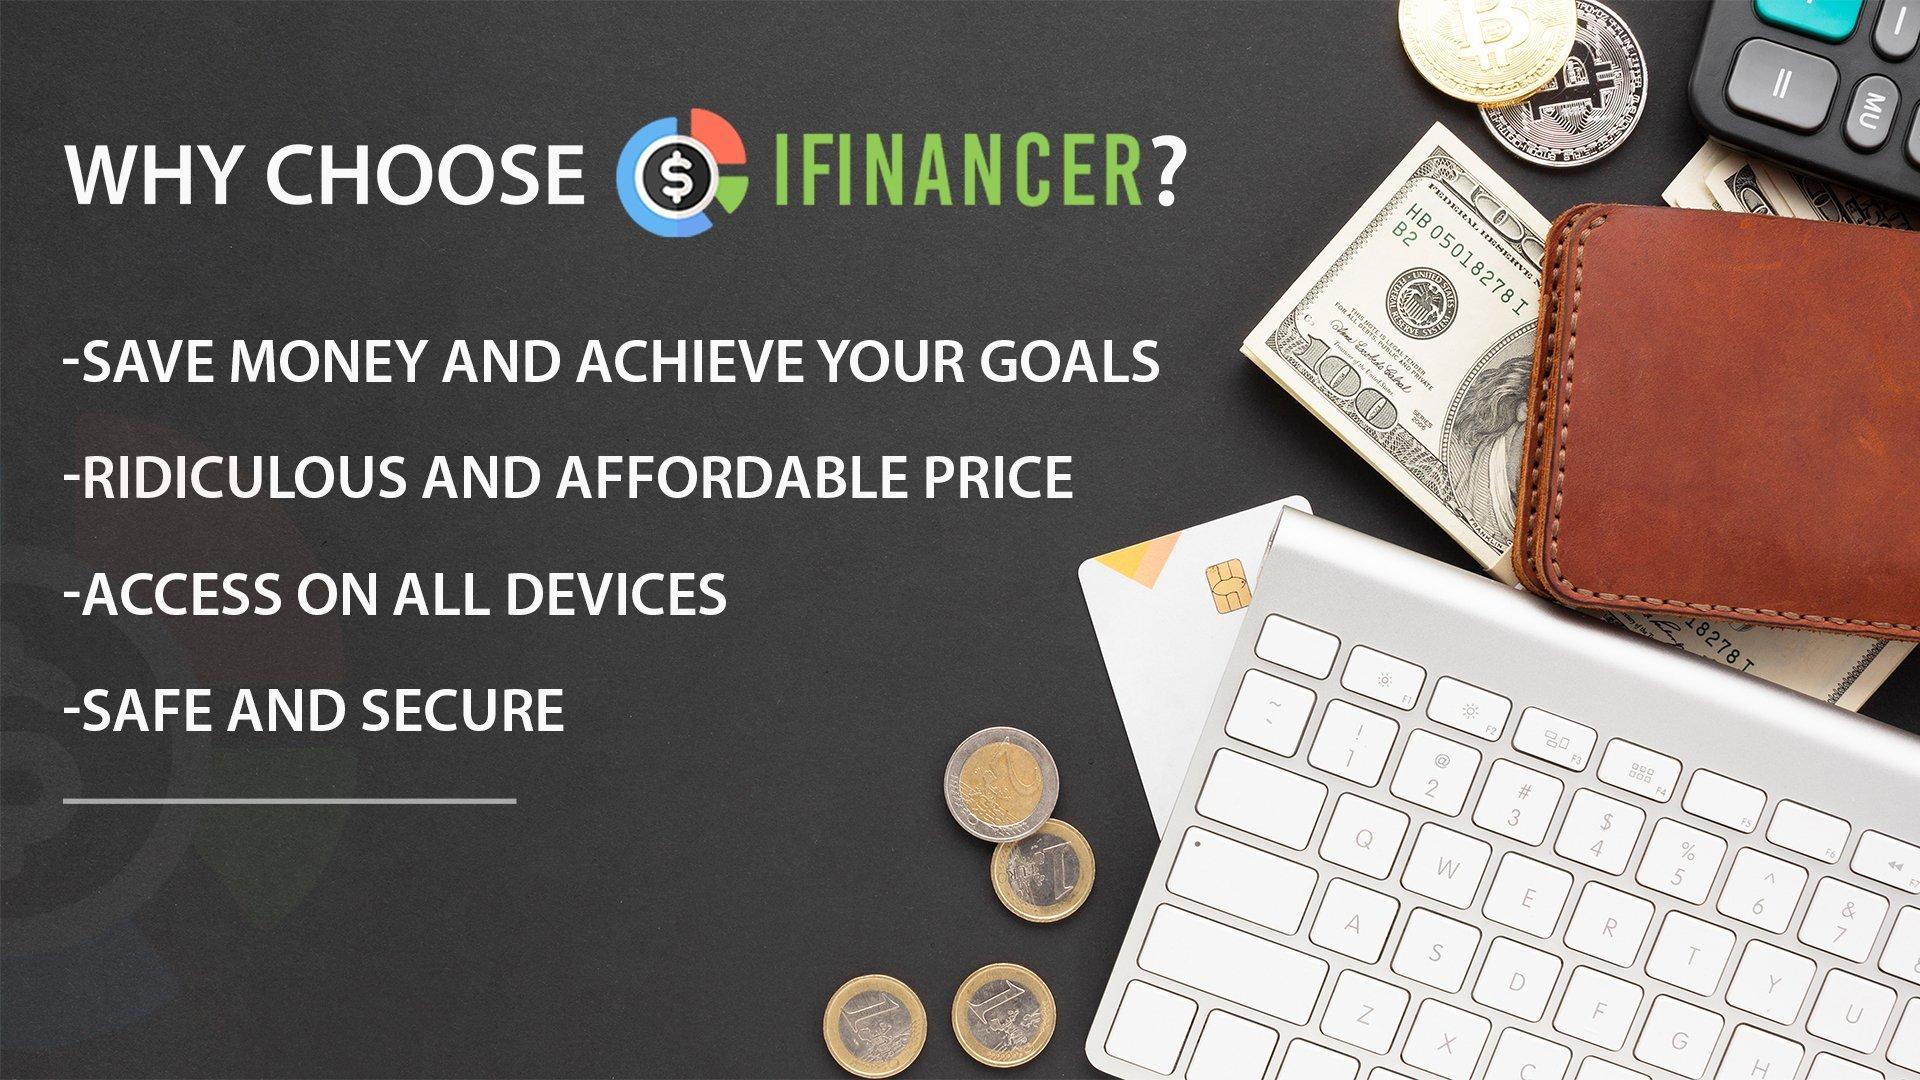 iFinancer Lifetime Deal